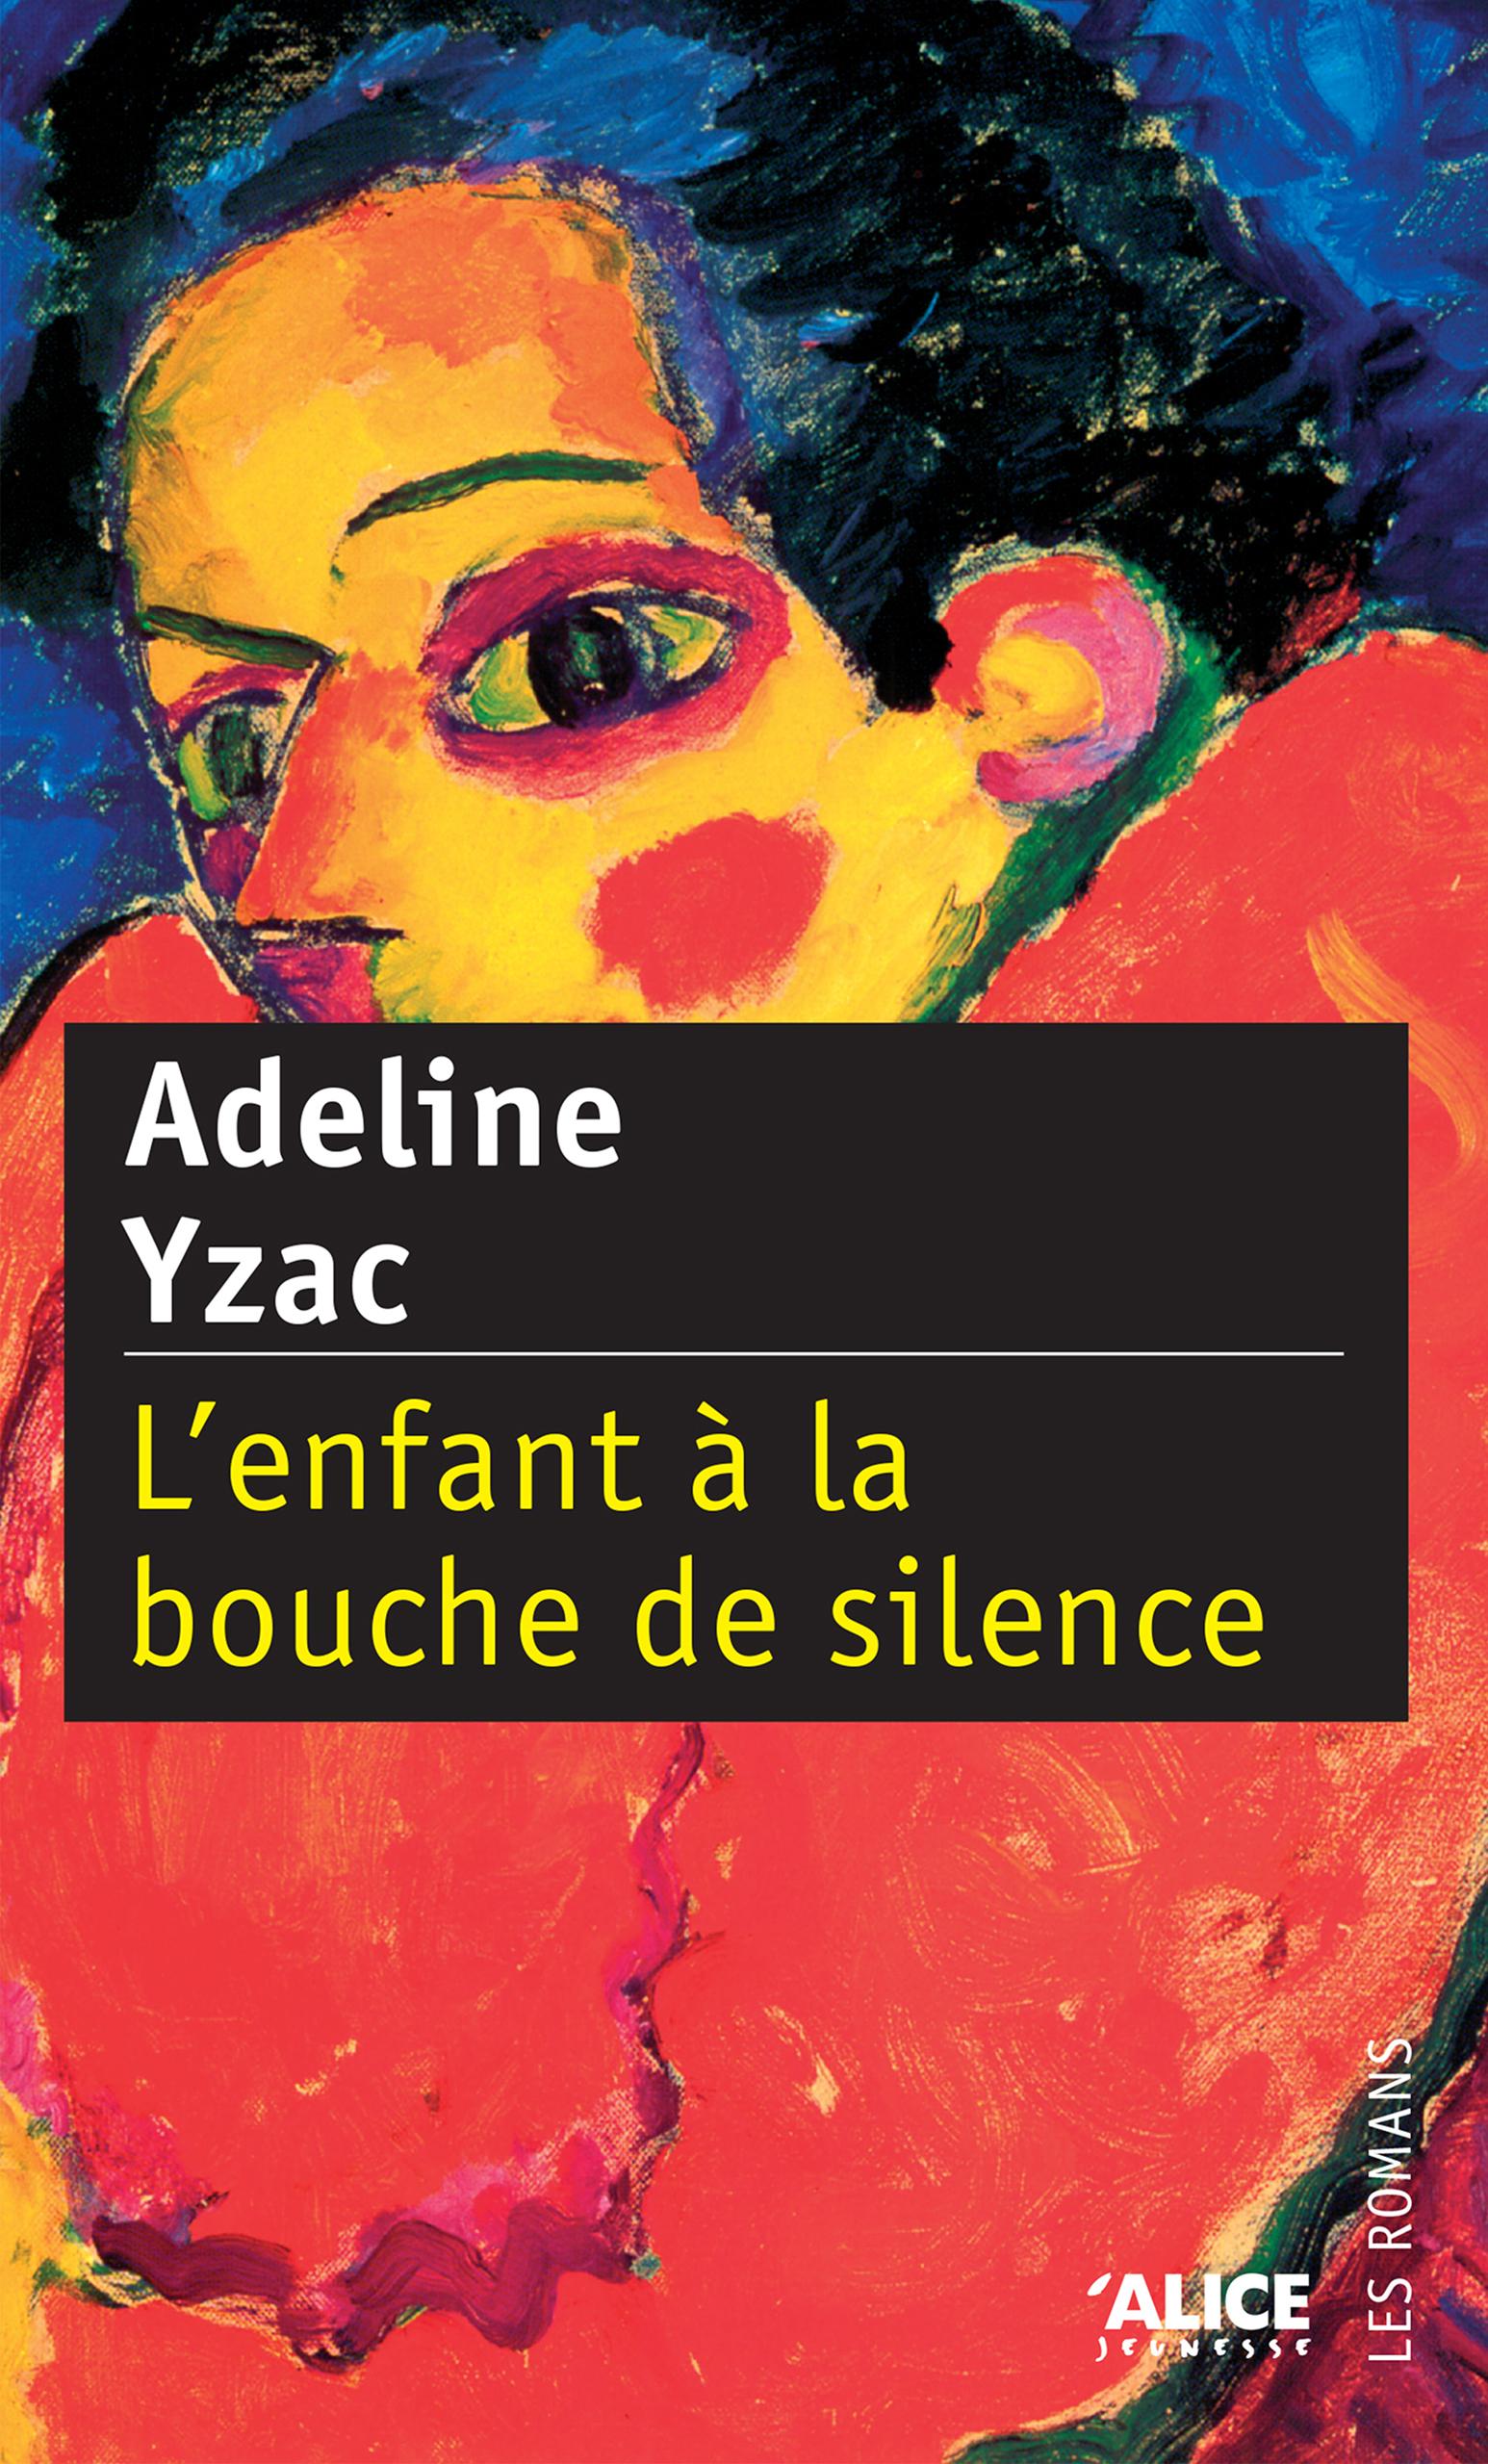 L'Enfant à la bouche de silence